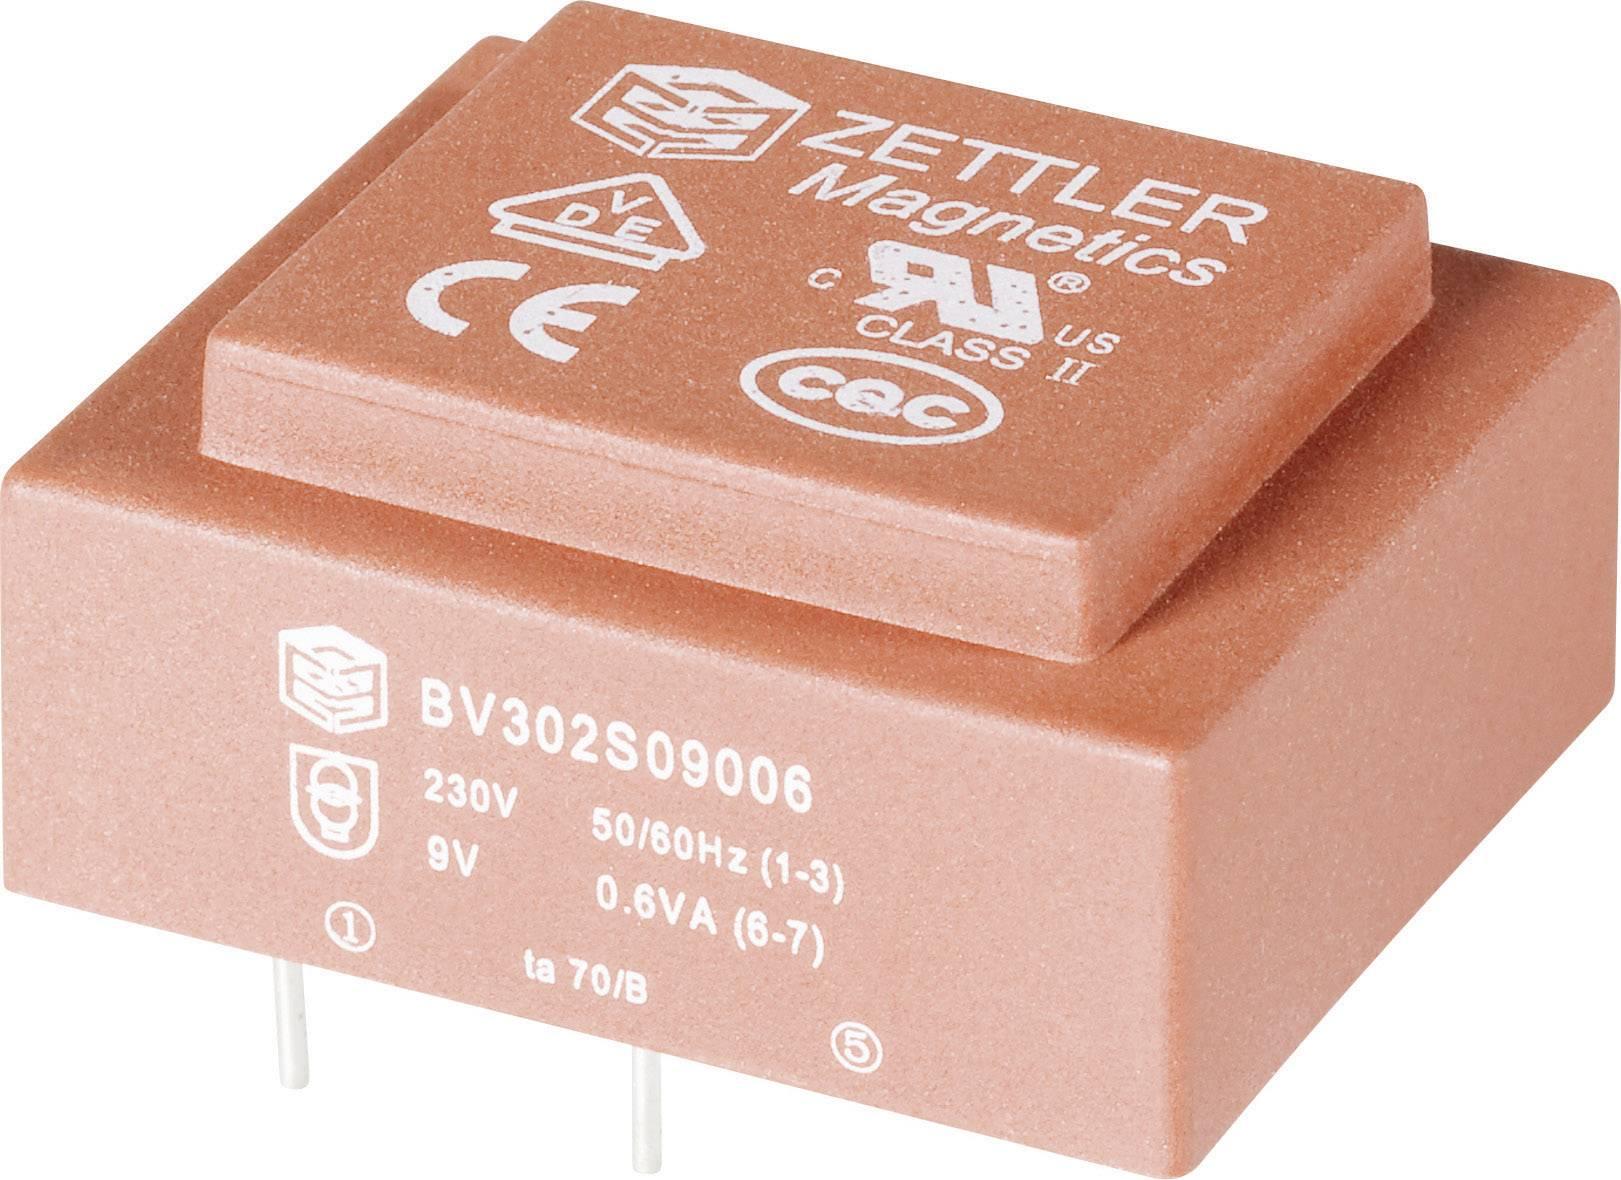 Transformátor do DPS Zettler Magnetics El30, 230 V/2x 24 V, 2x 12 mA, 1,5 VA